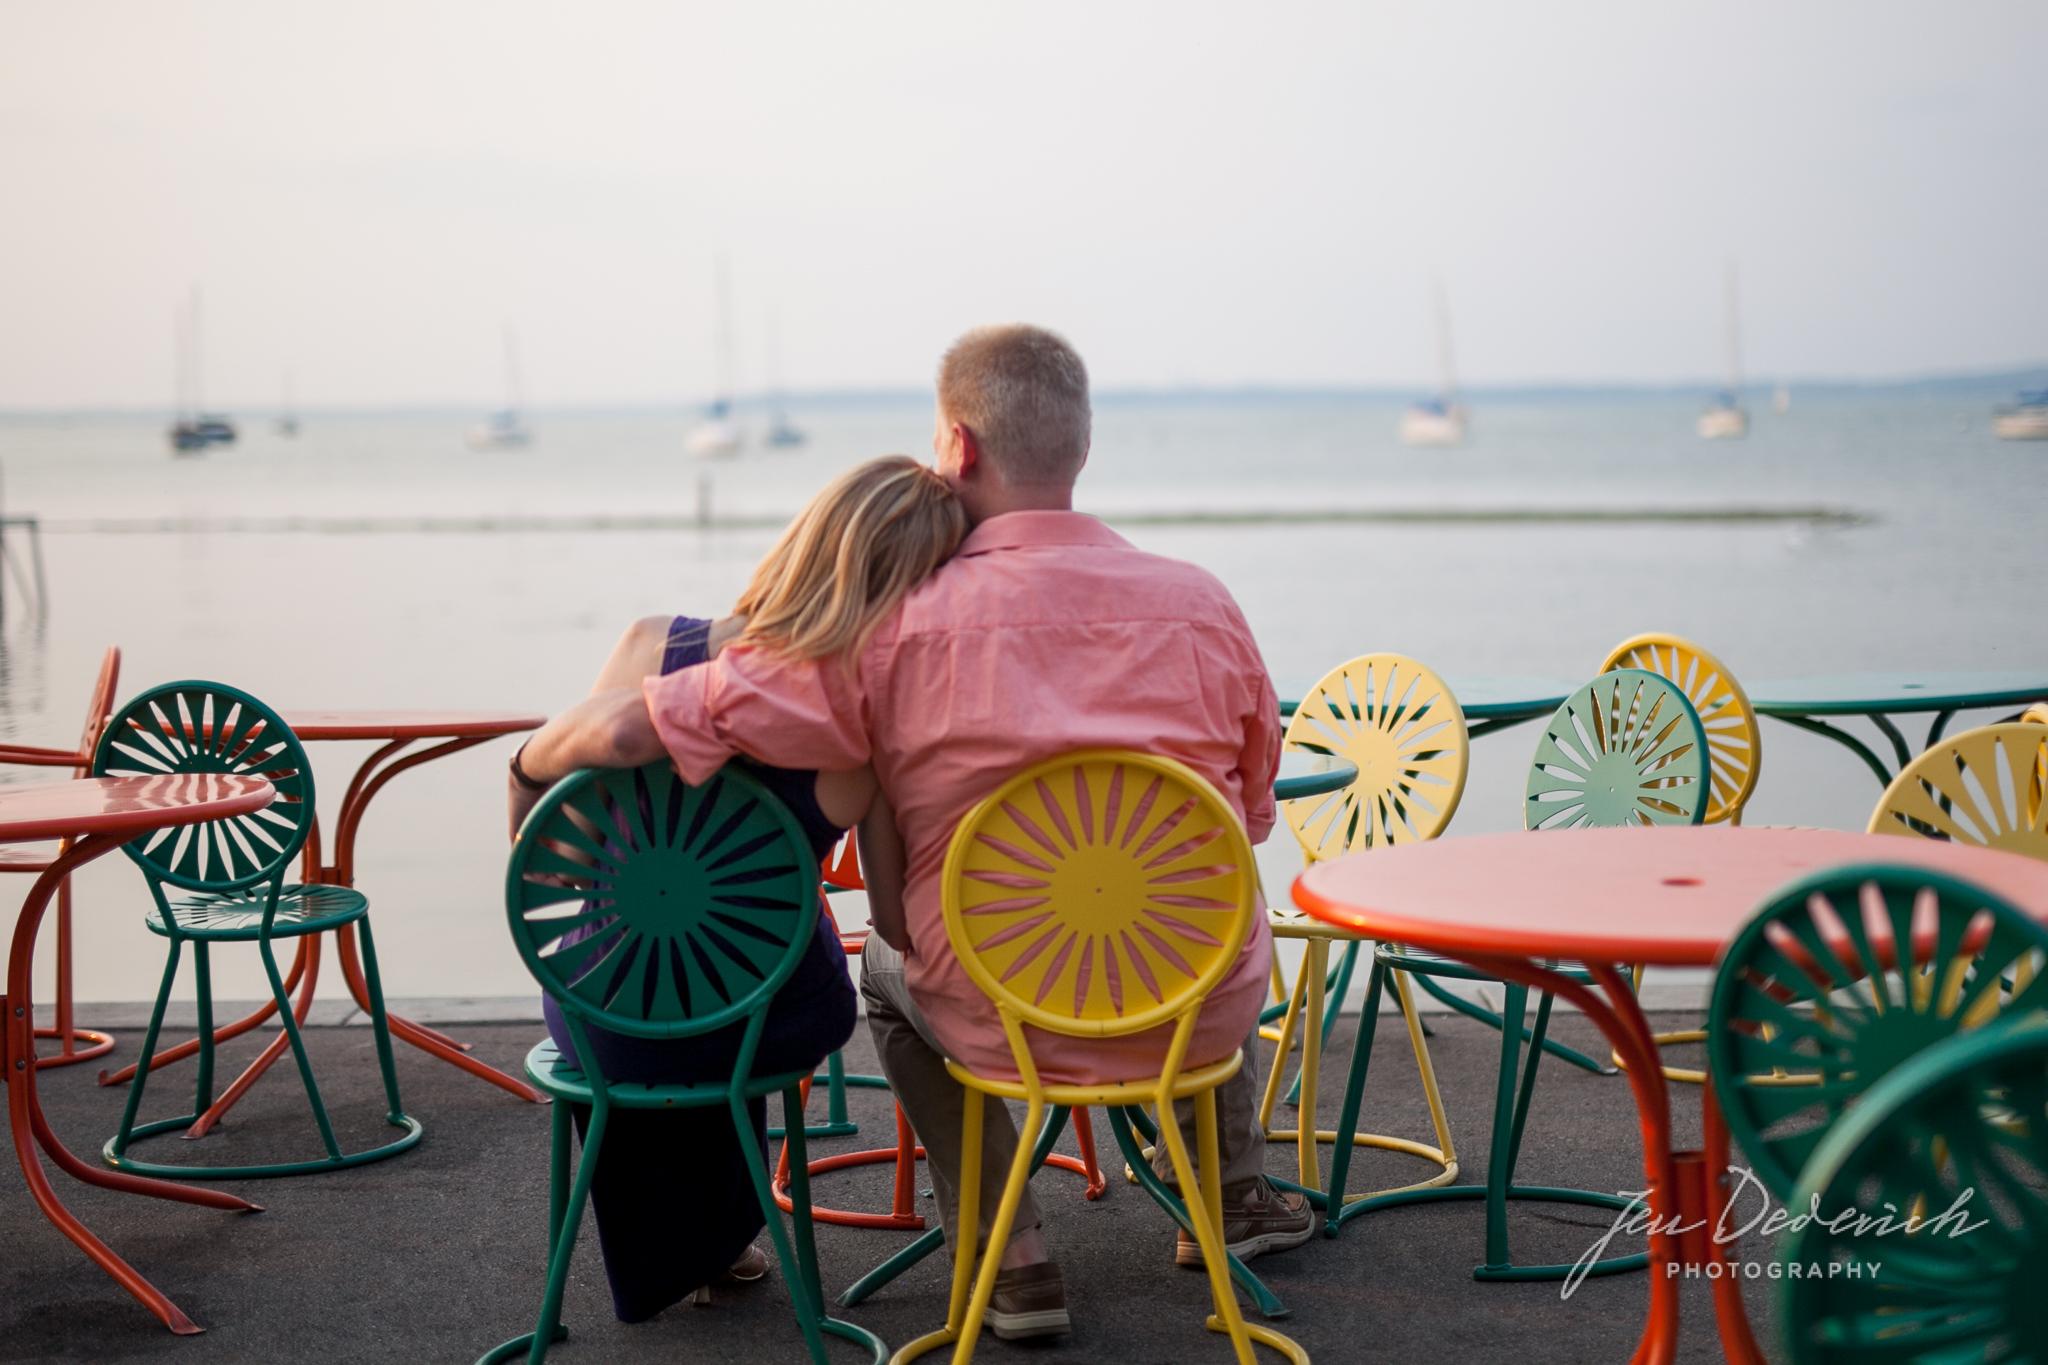 Memorial-Union-Terrace-chairs-sumemr.jpg